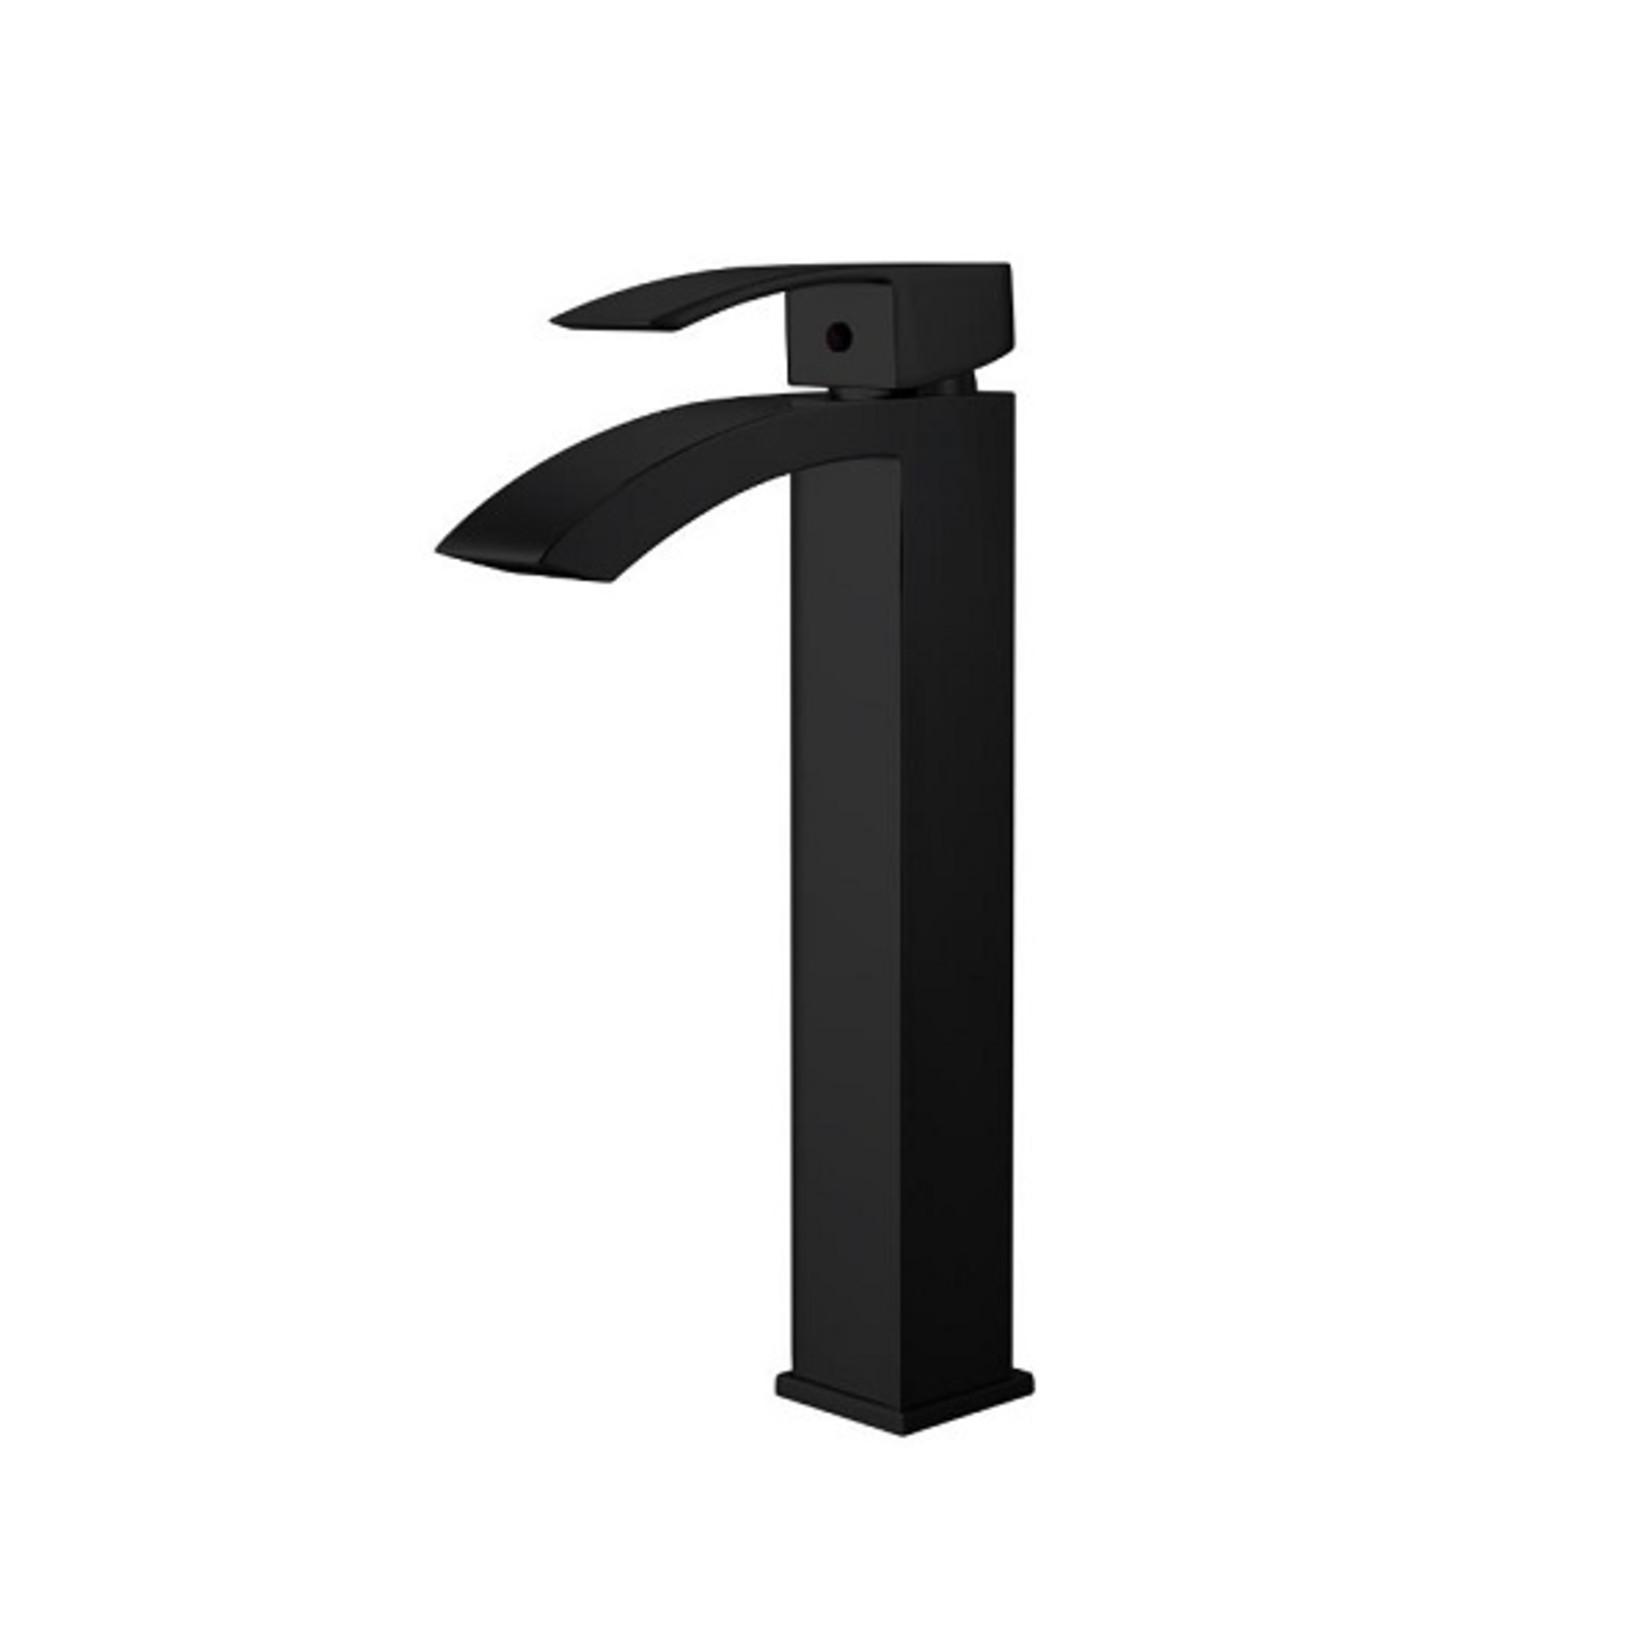 Robinet pour vasque 3817-04 Noir Mat